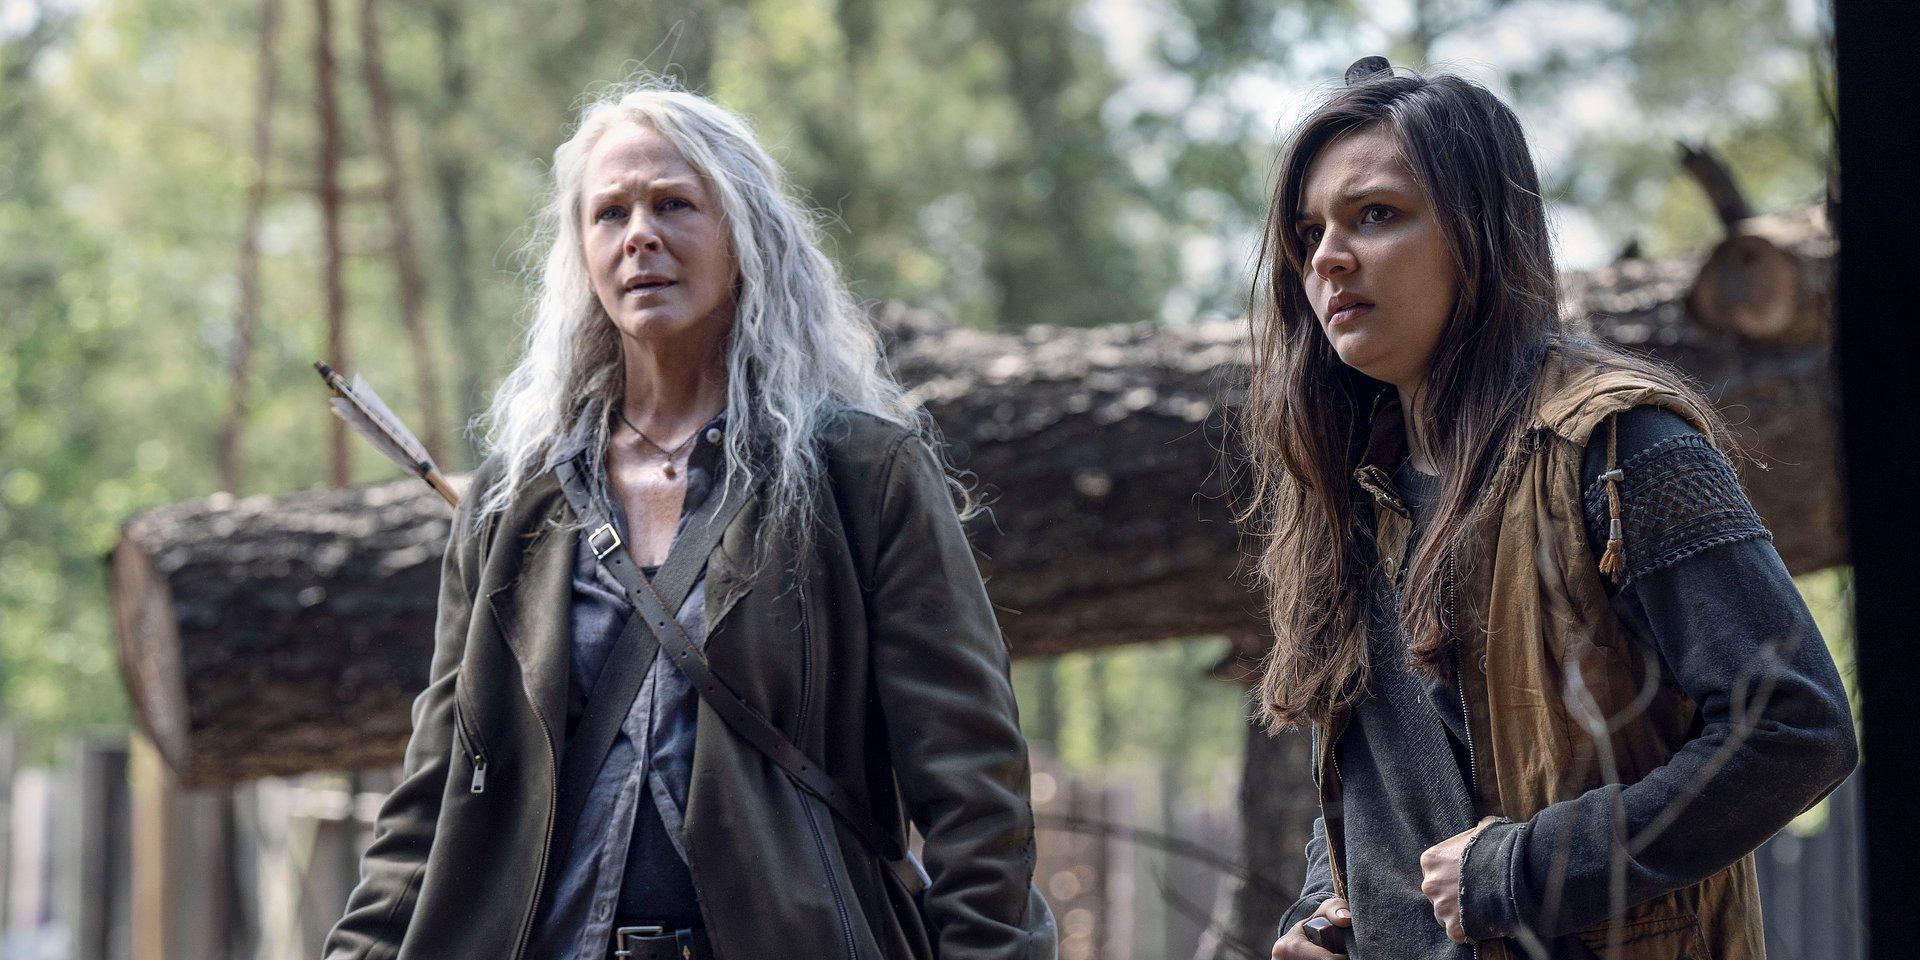 Finałowy jedenasty sezon The Walking Dead coraz bliżej! Pierwszy odcinek już 23 sierpnia na kanale FOX